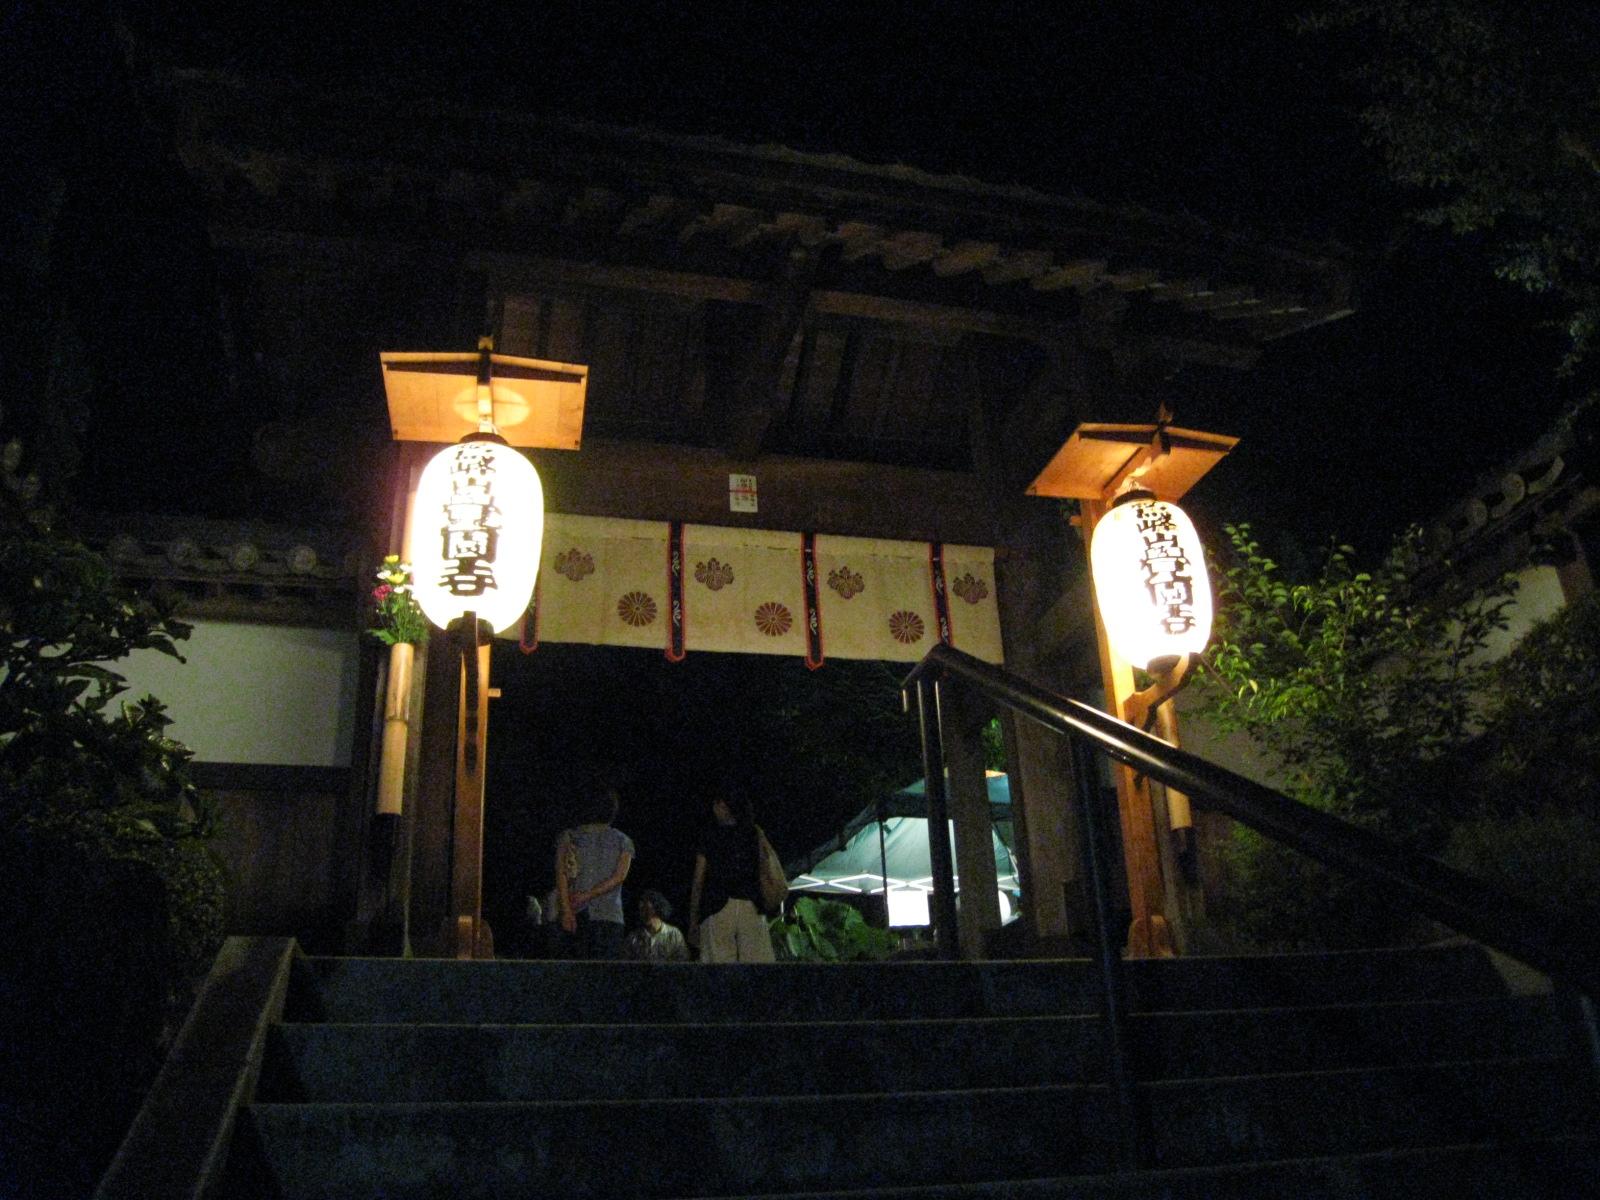 8月9日黒地蔵縁日参拝&ご宿泊参加者募集中!